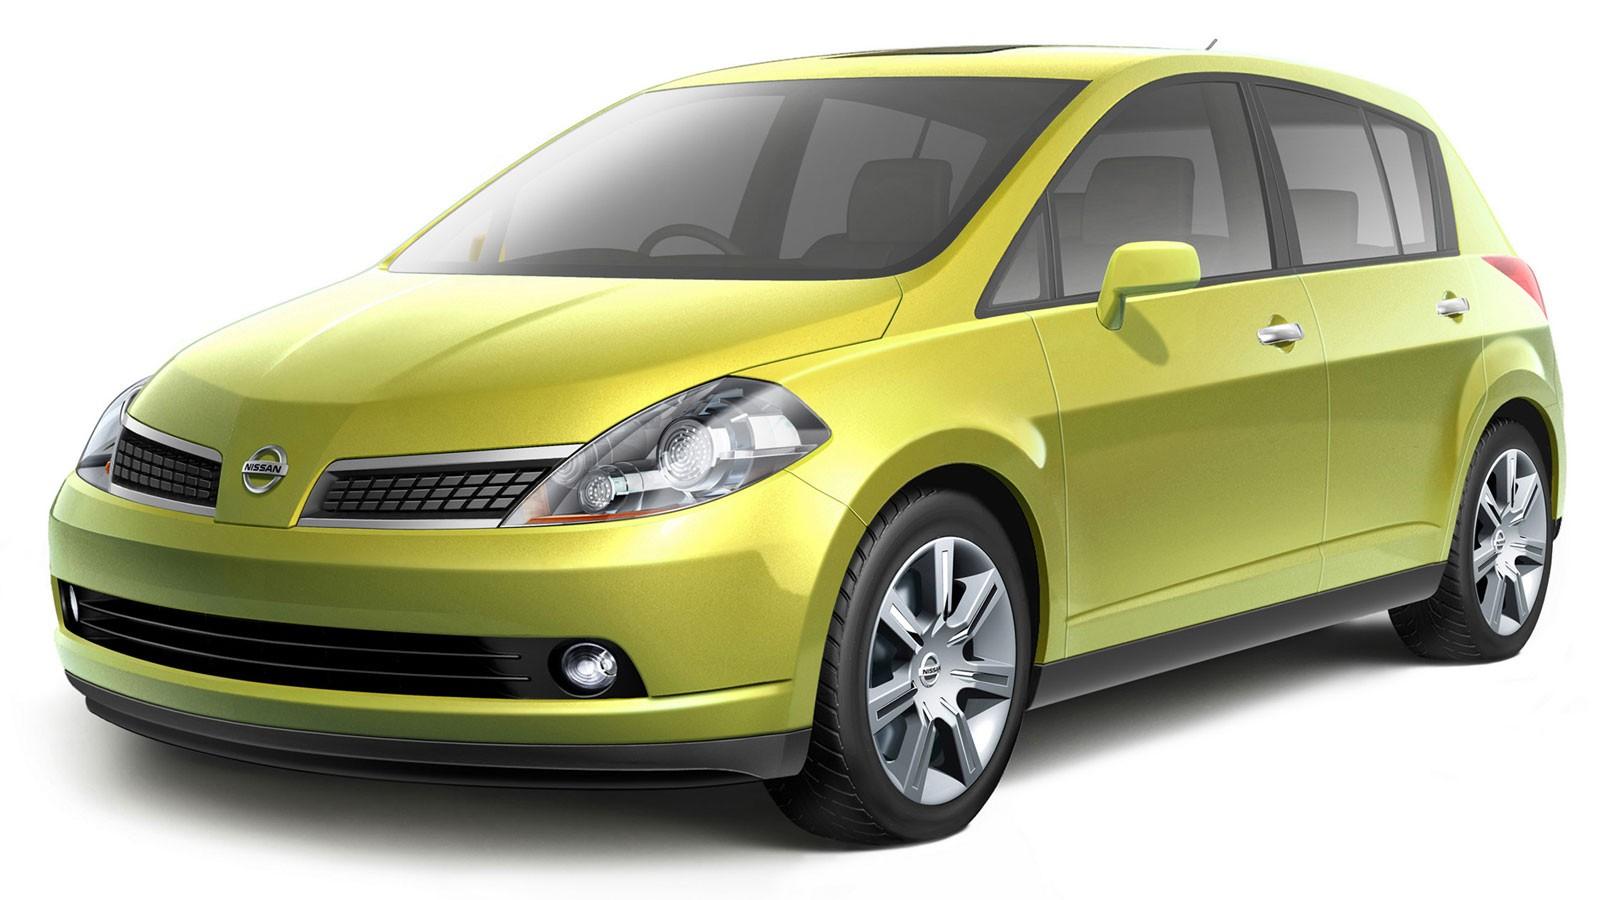 Nissan C-Note Concept '10.2003